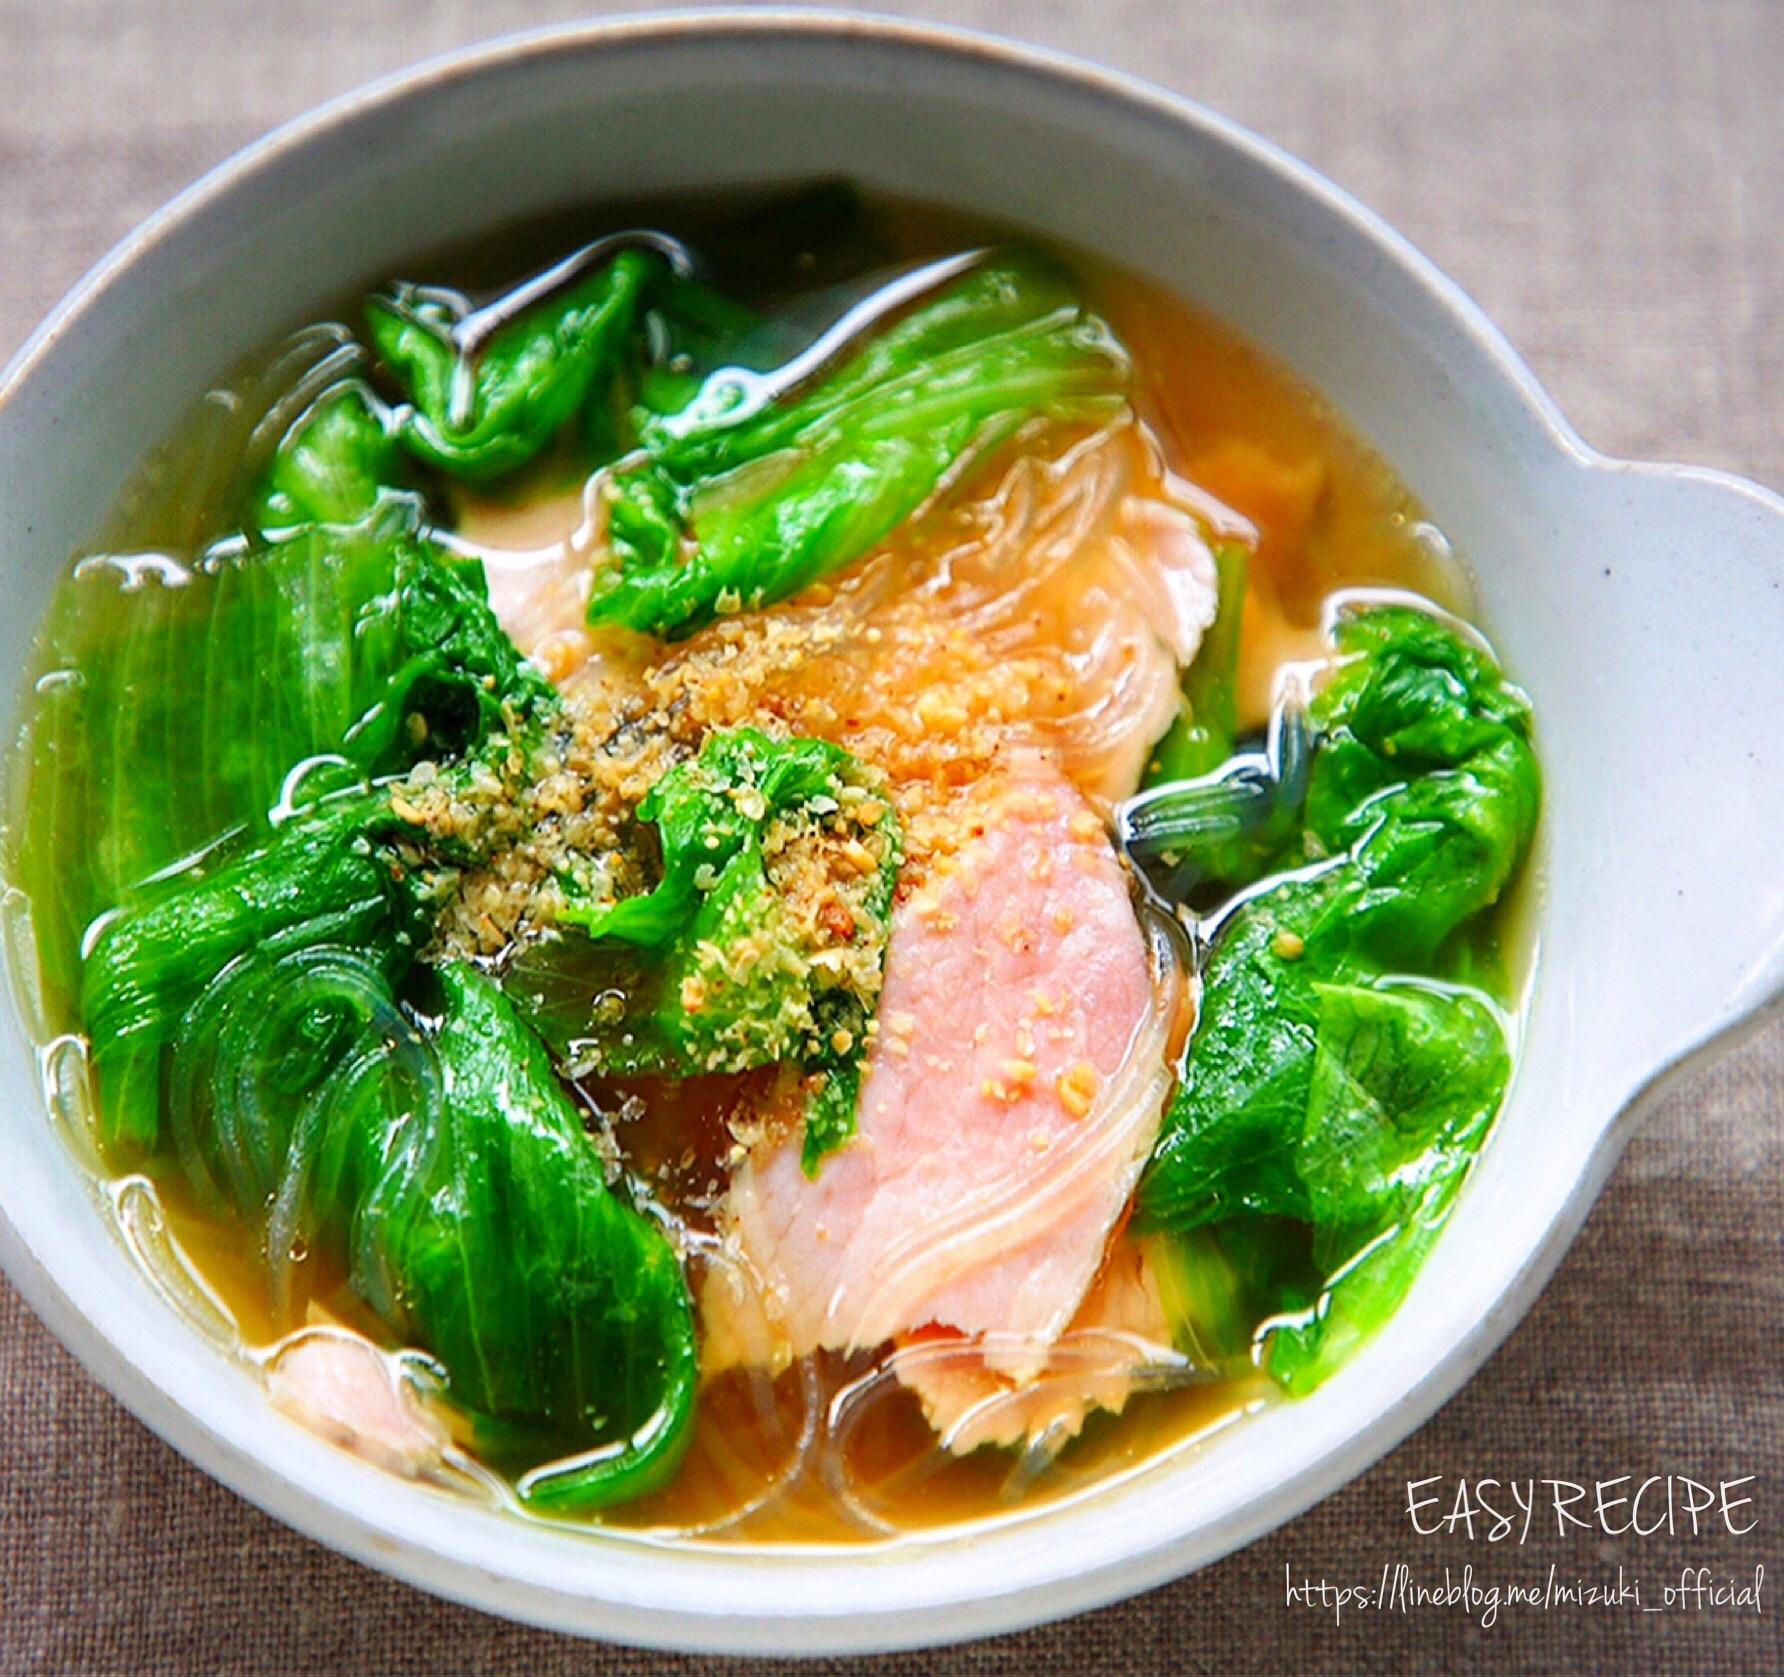 ♡包丁要らずde超簡単♡ハムとレタスの春雨スープ♡【#時短#節約#おかずスープ】